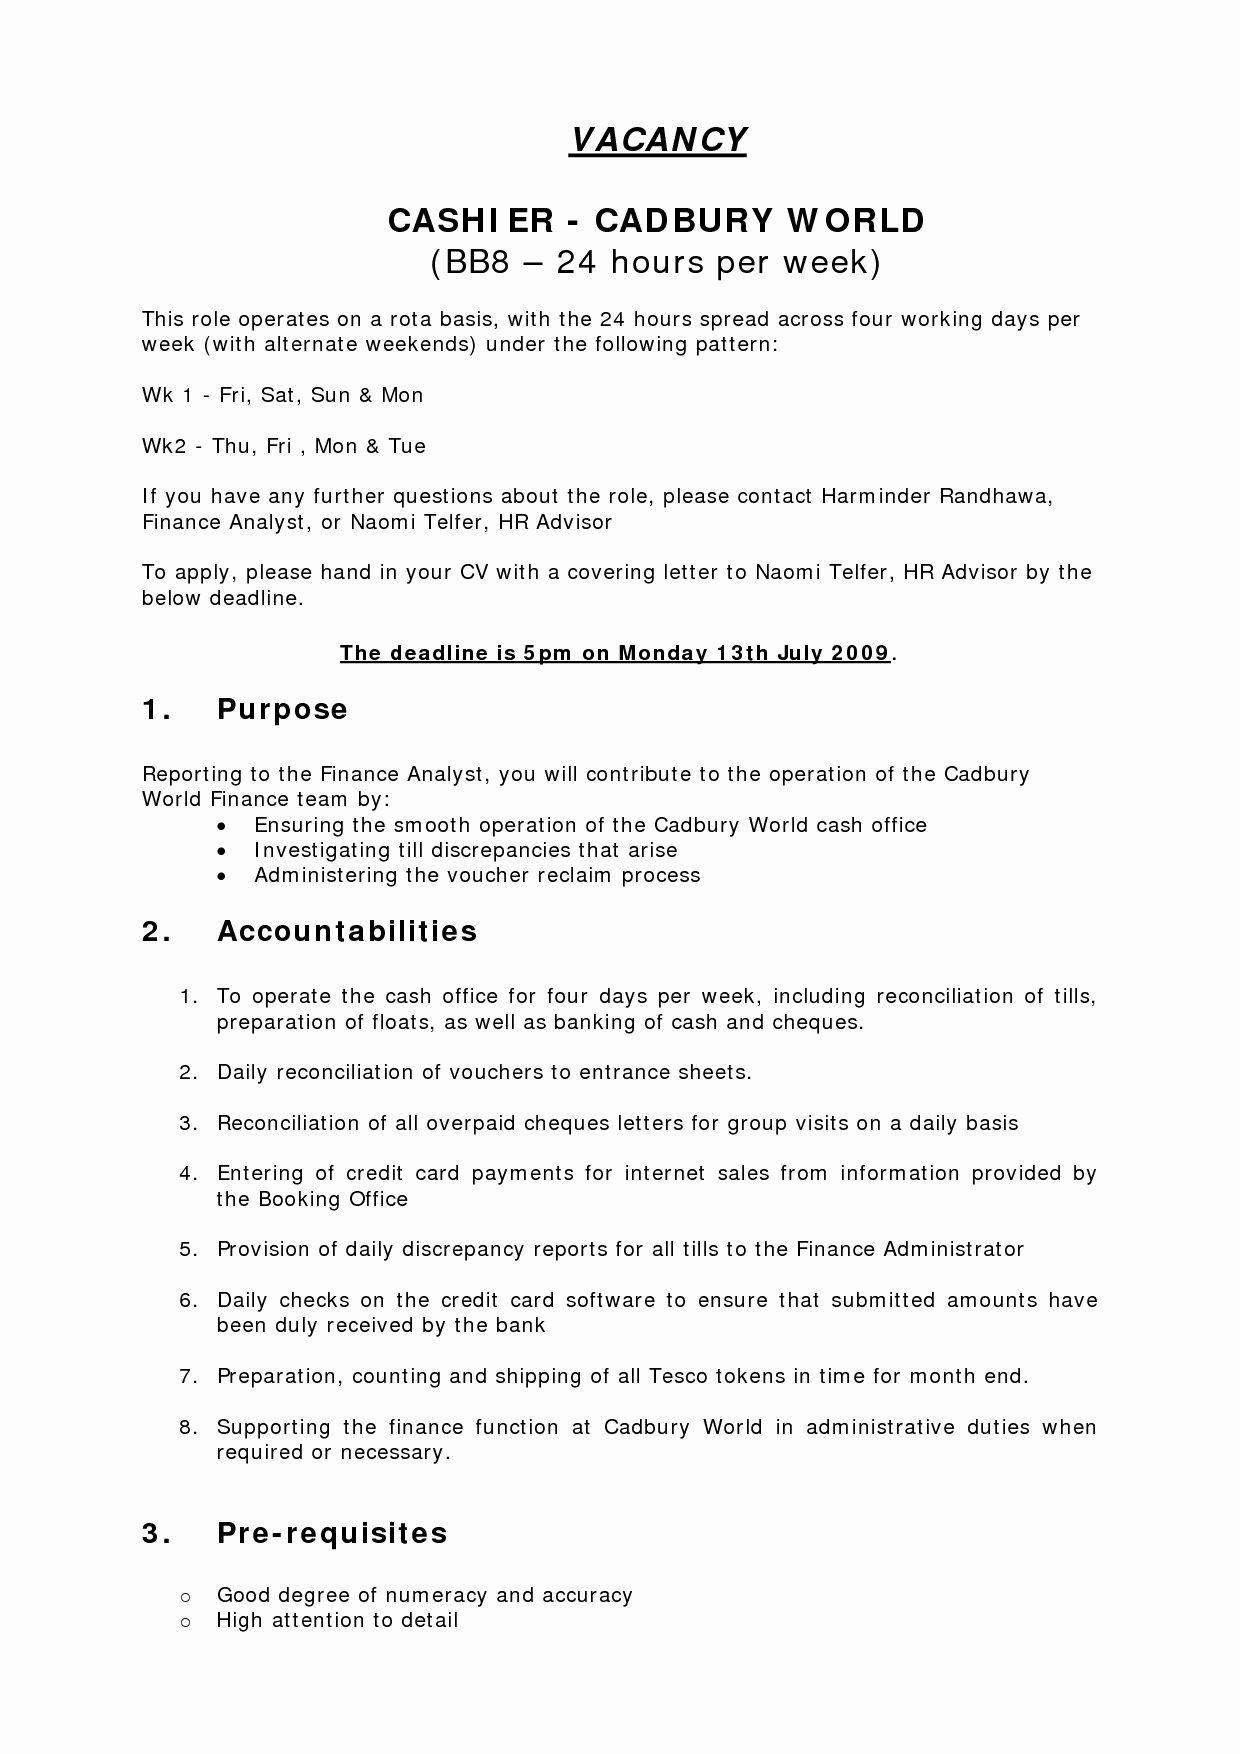 50 Unique Cashier Sales associate Resume (2020) Cashiers